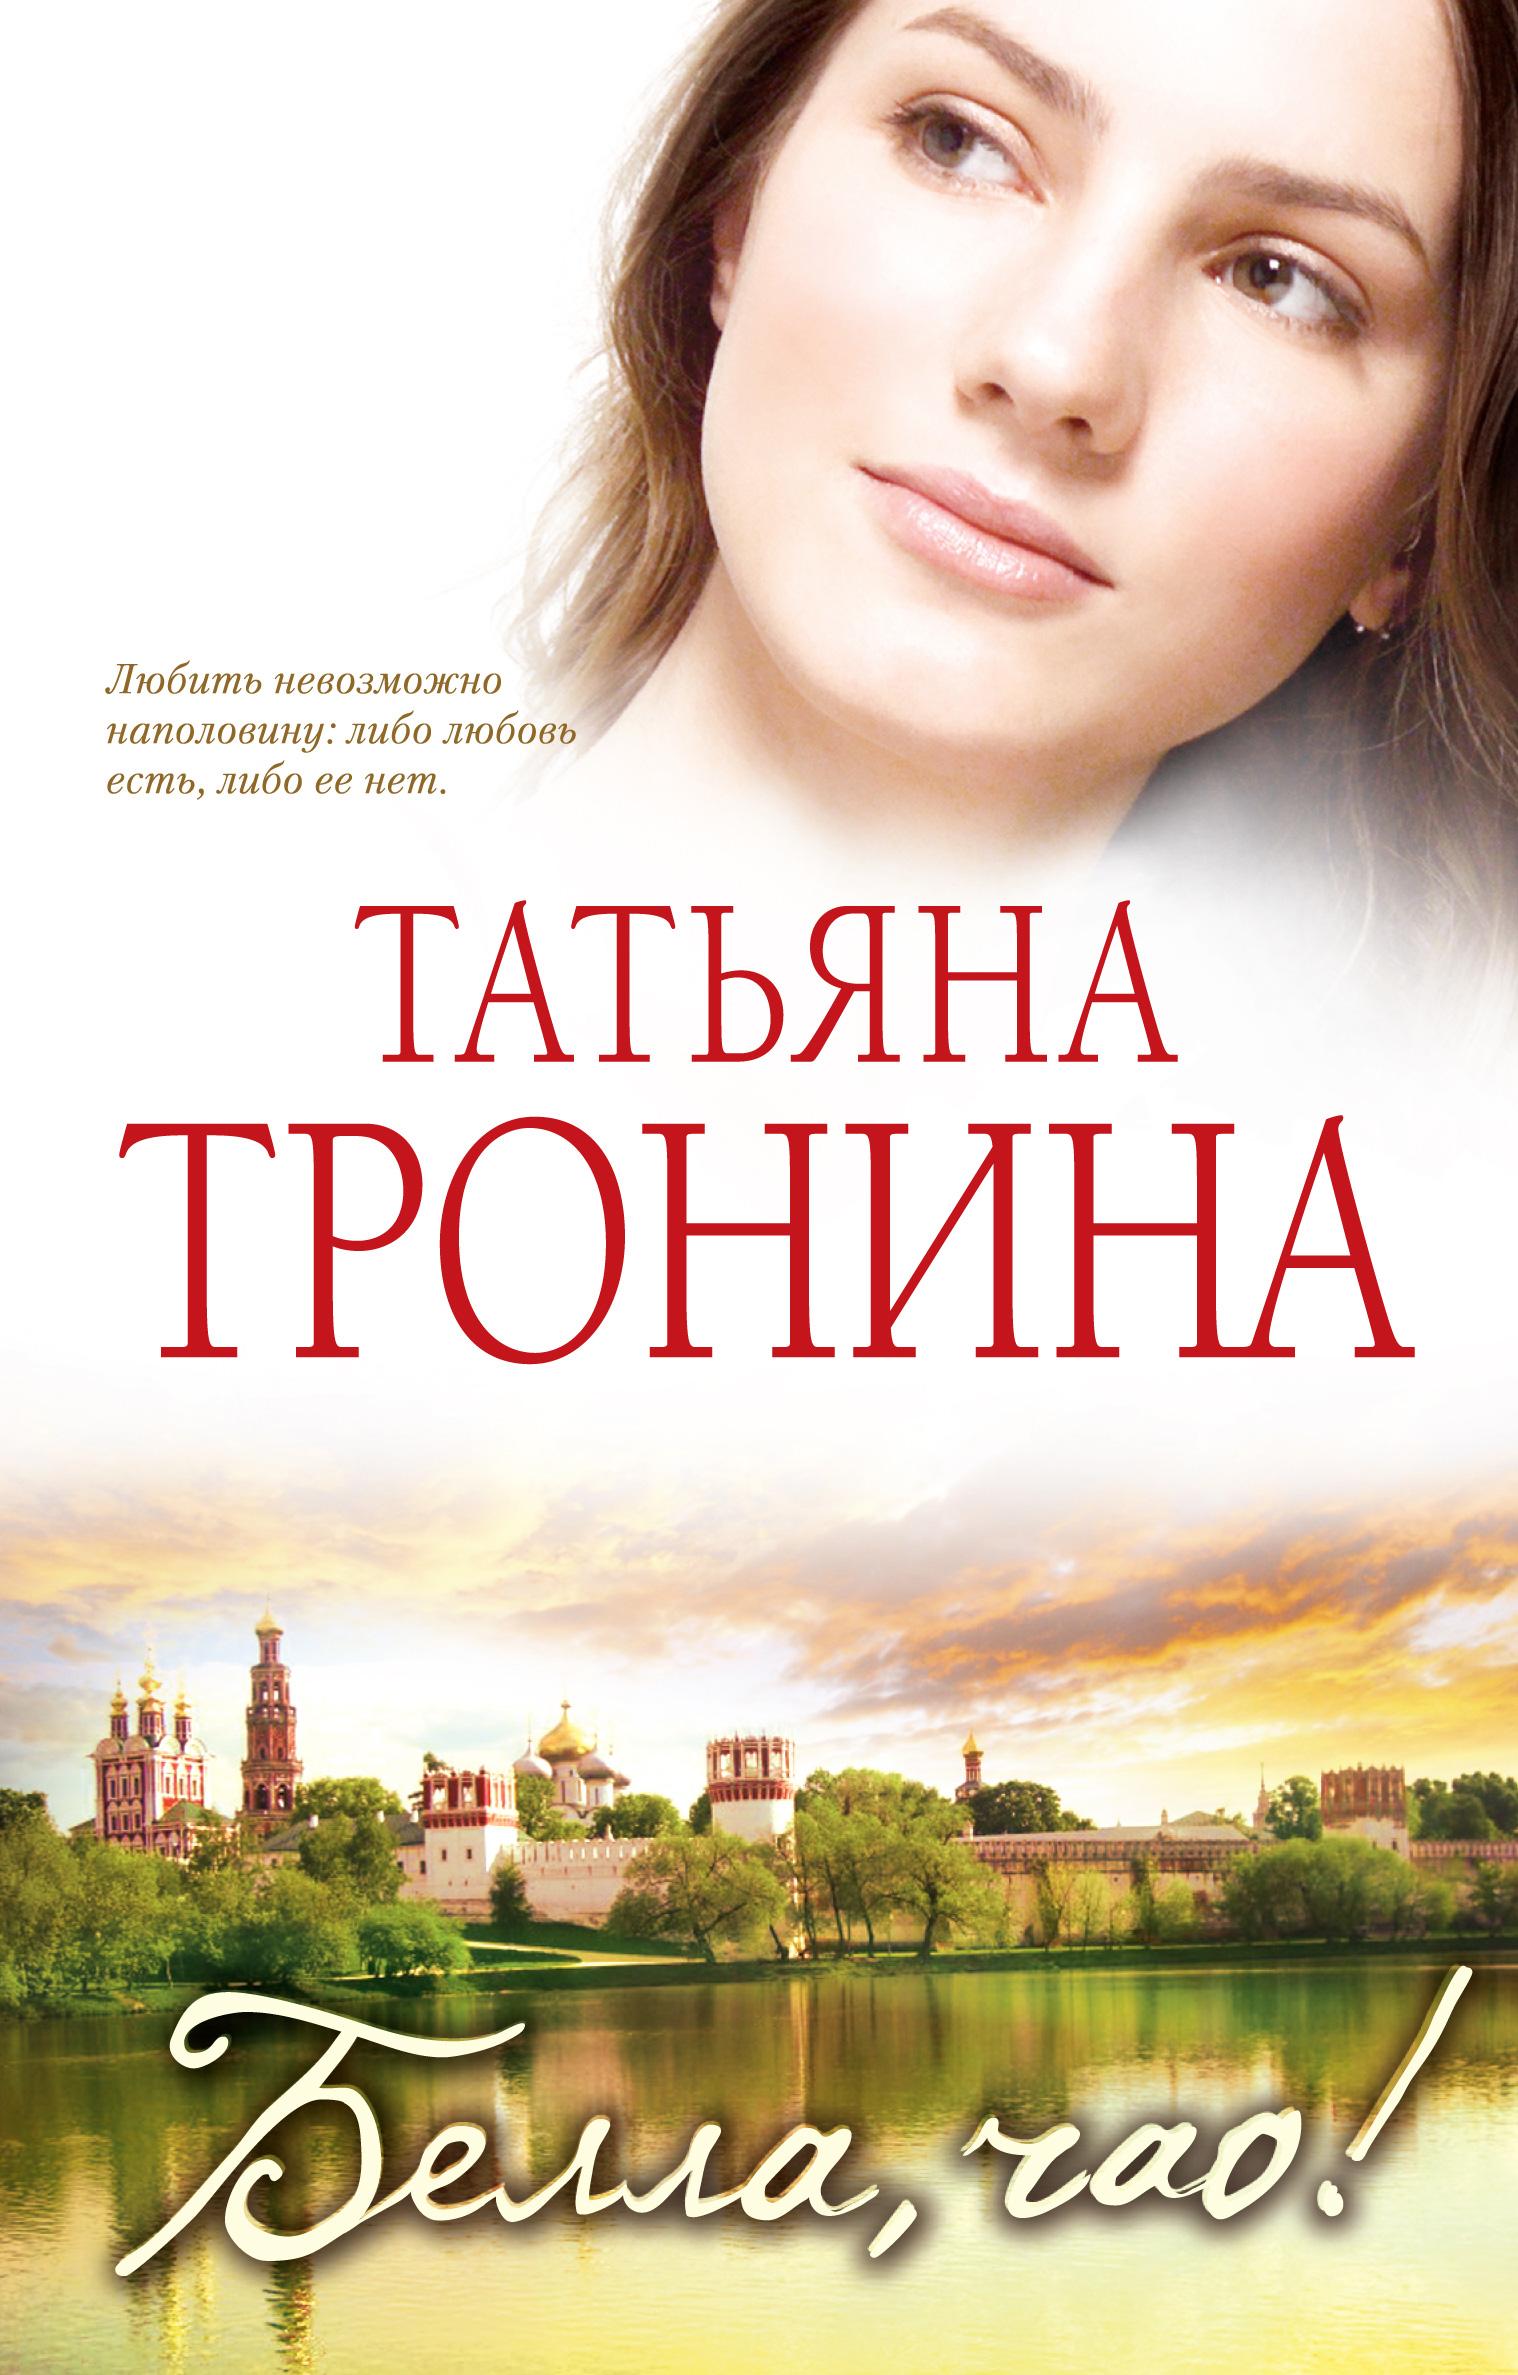 Татьяна Тронина Белла, чао! татьяна тронина белла чао